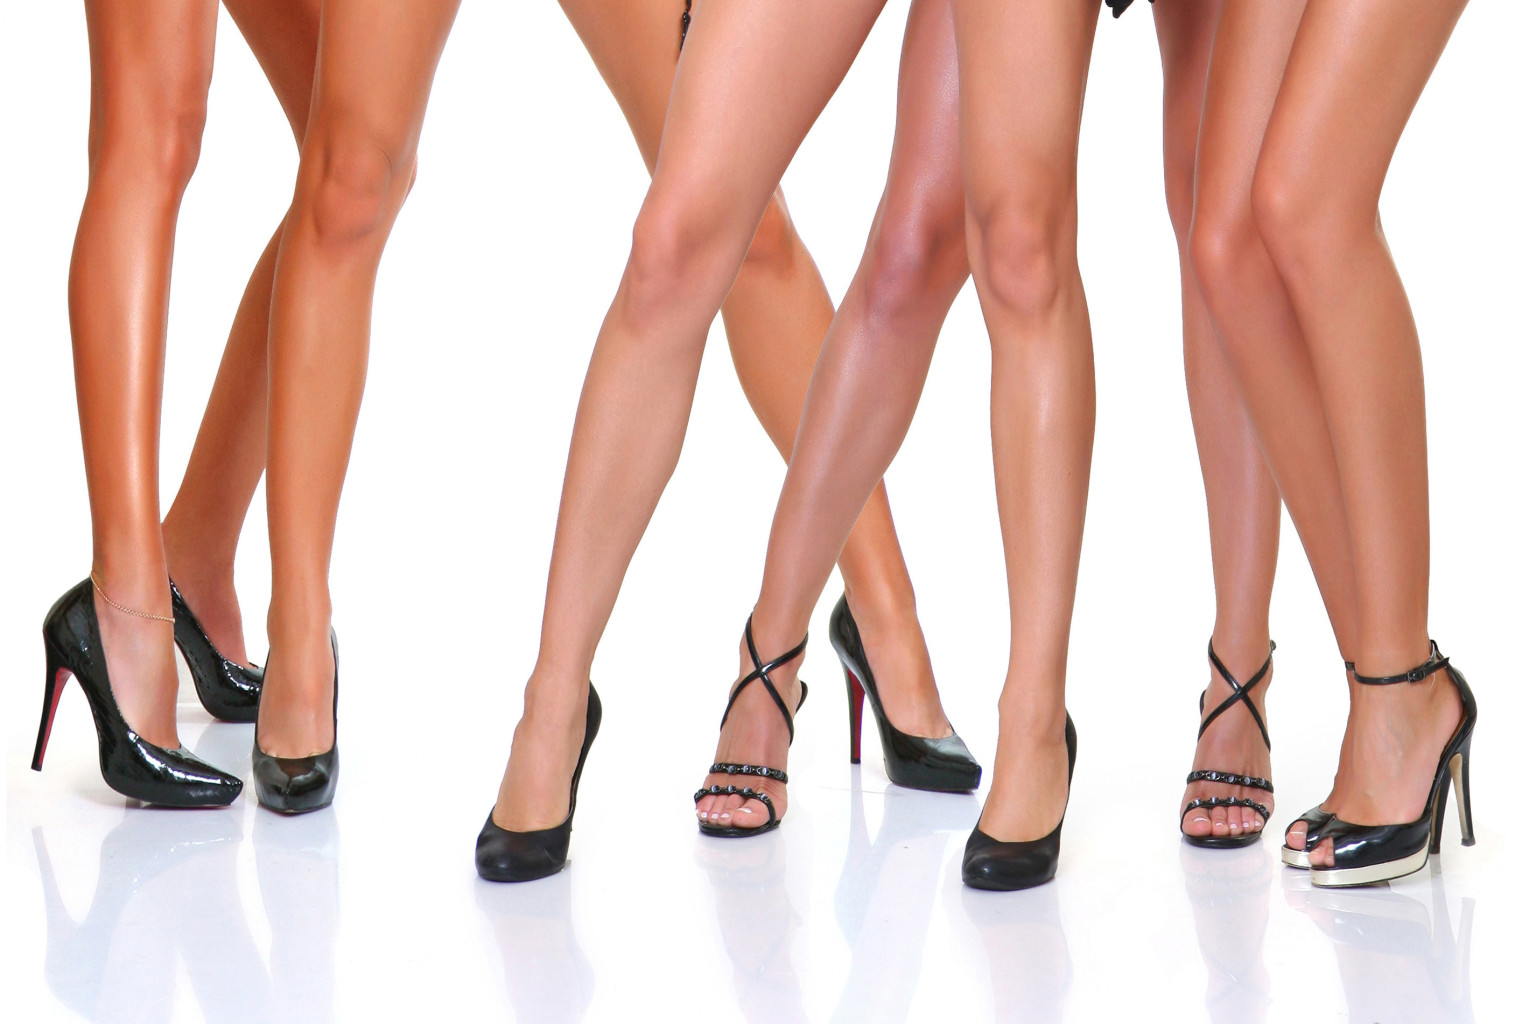 sexe pied sex de femme